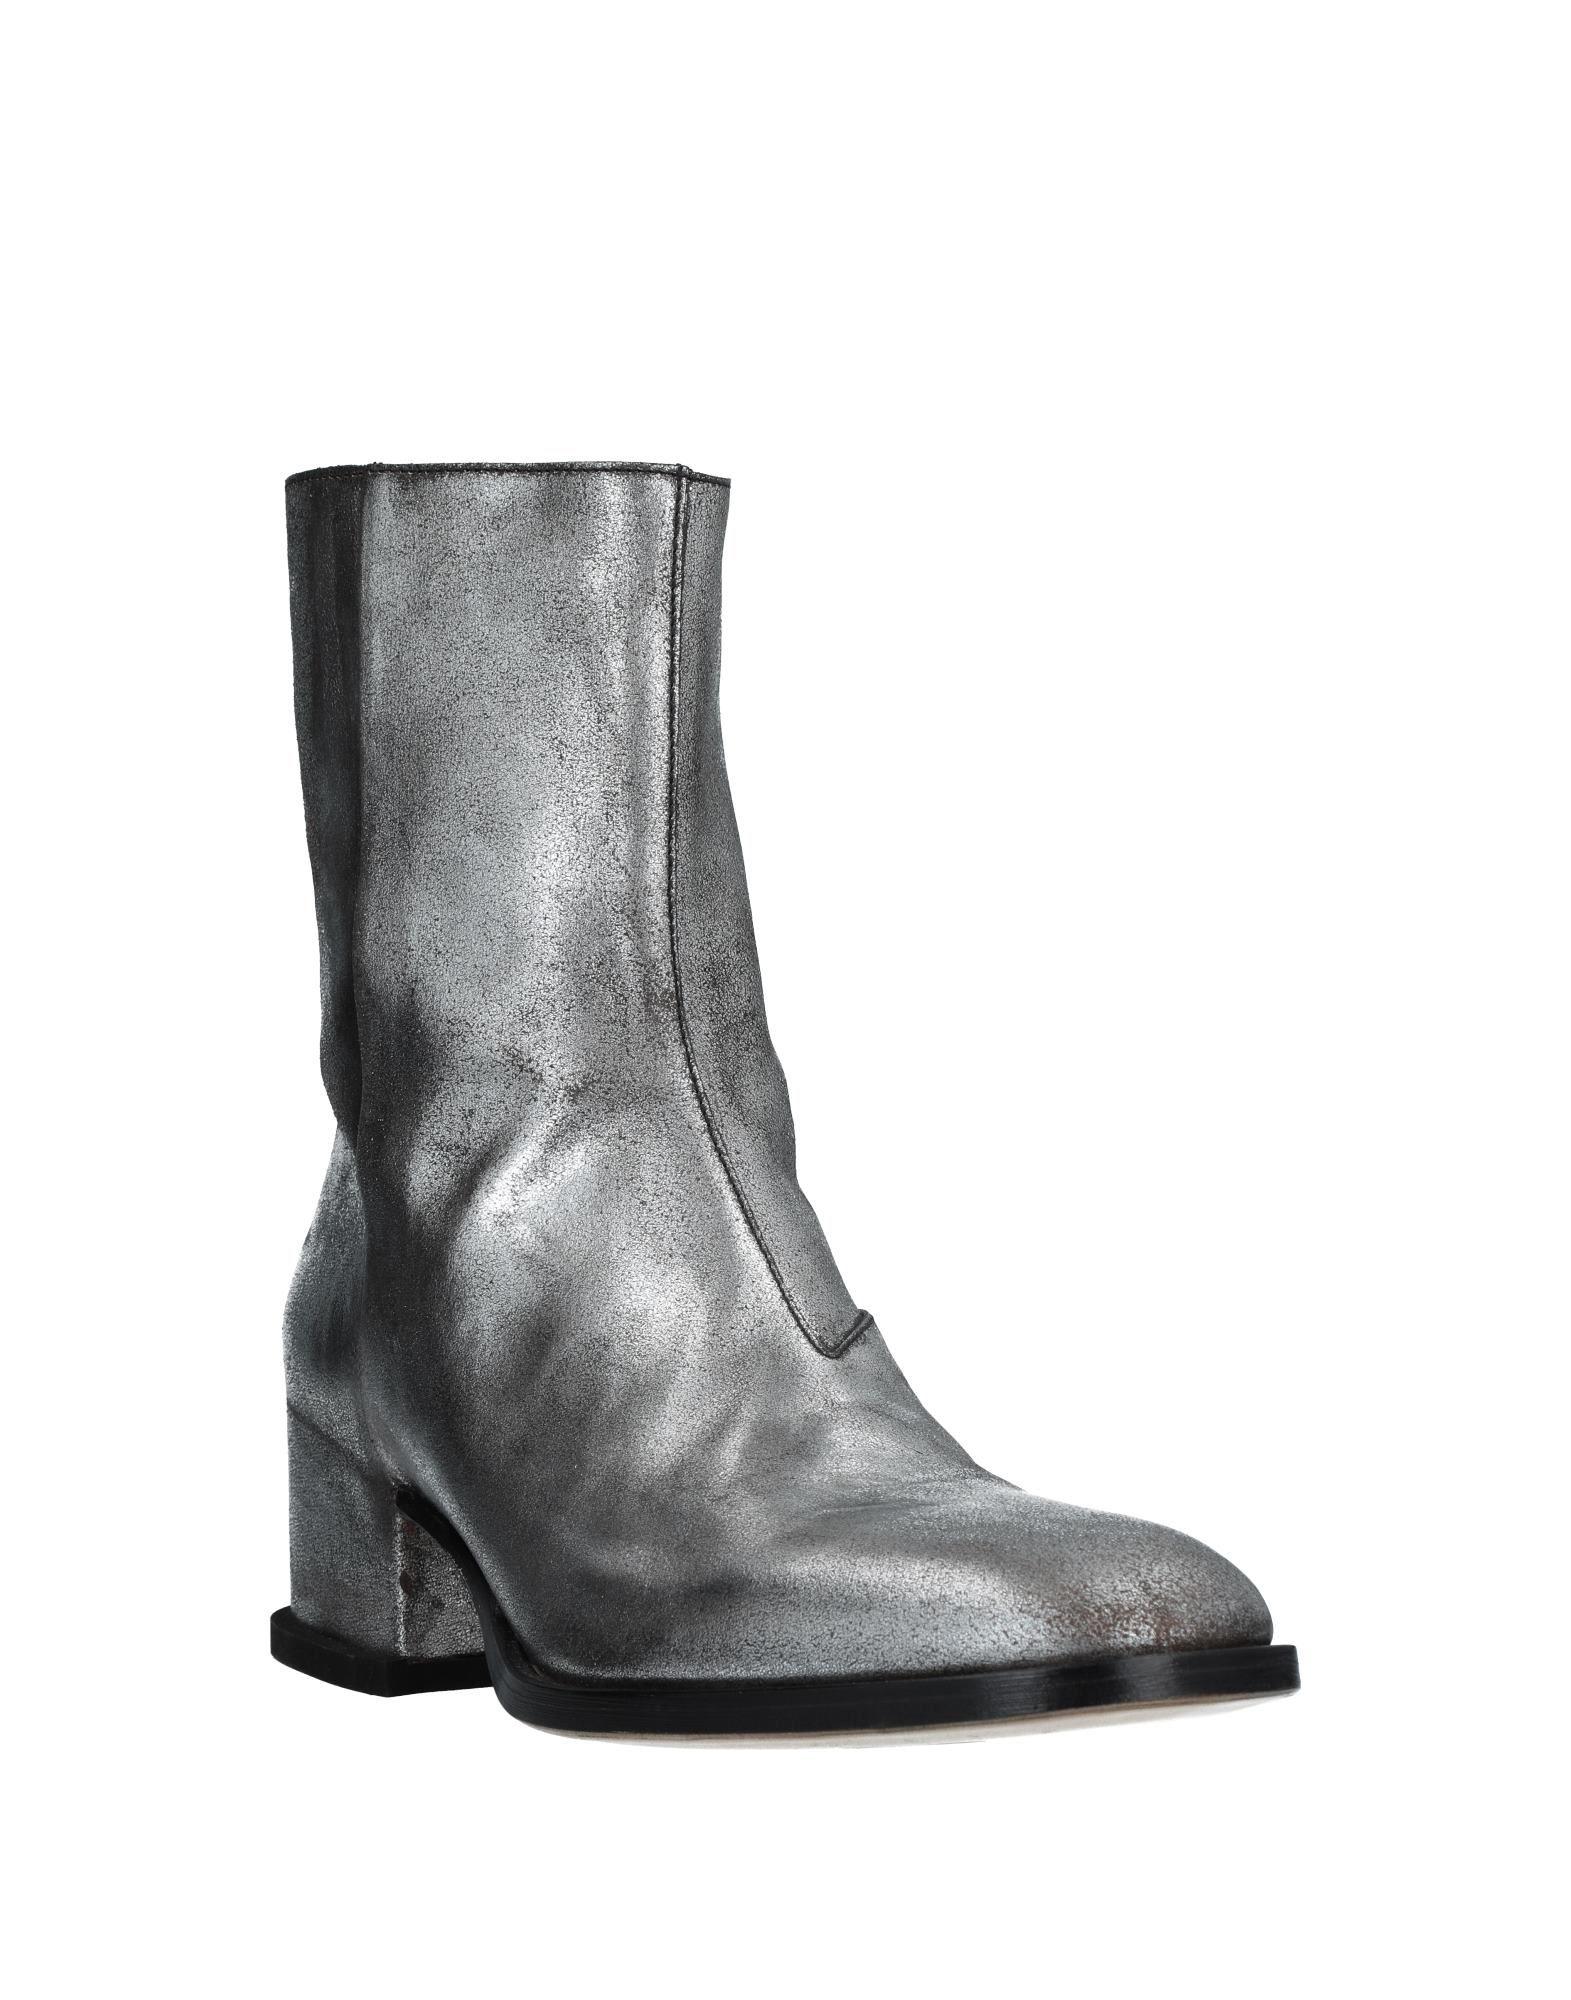 Premiata Stiefelette Herren  11530591SR Gute Qualität beliebte Schuhe